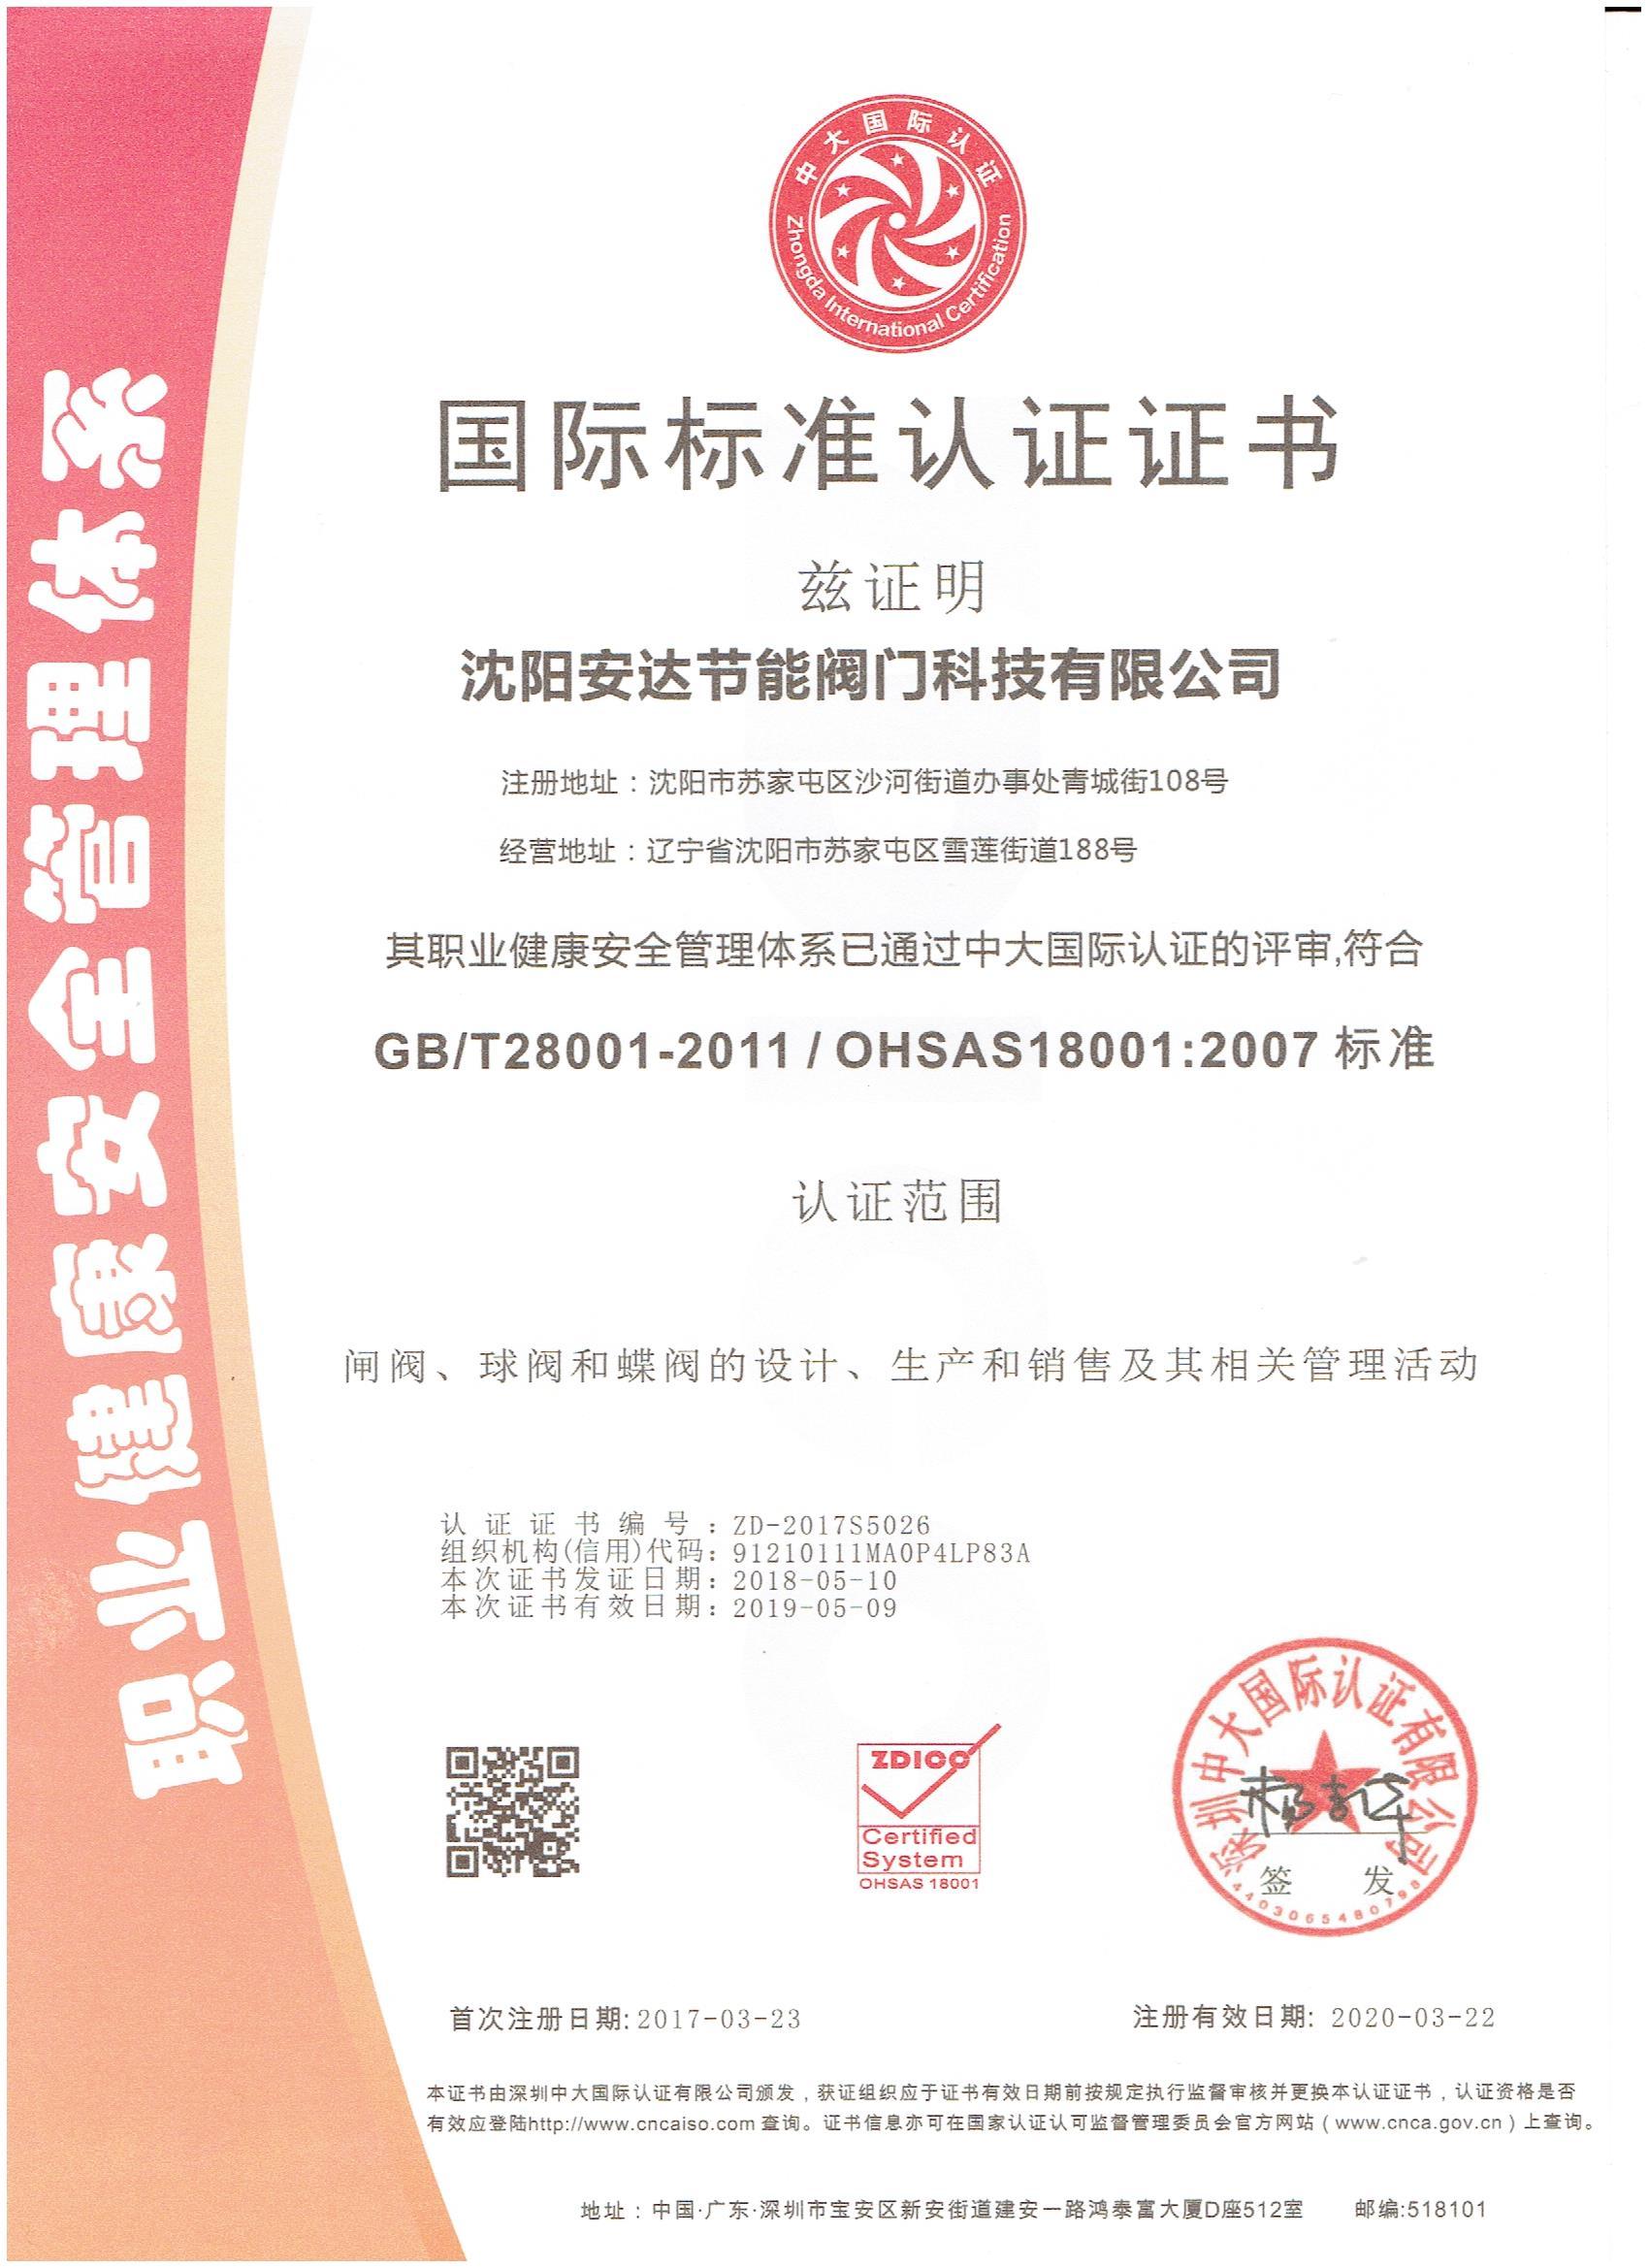 安达贝博|西甲赞助商职业健康安全管理体系认证证书